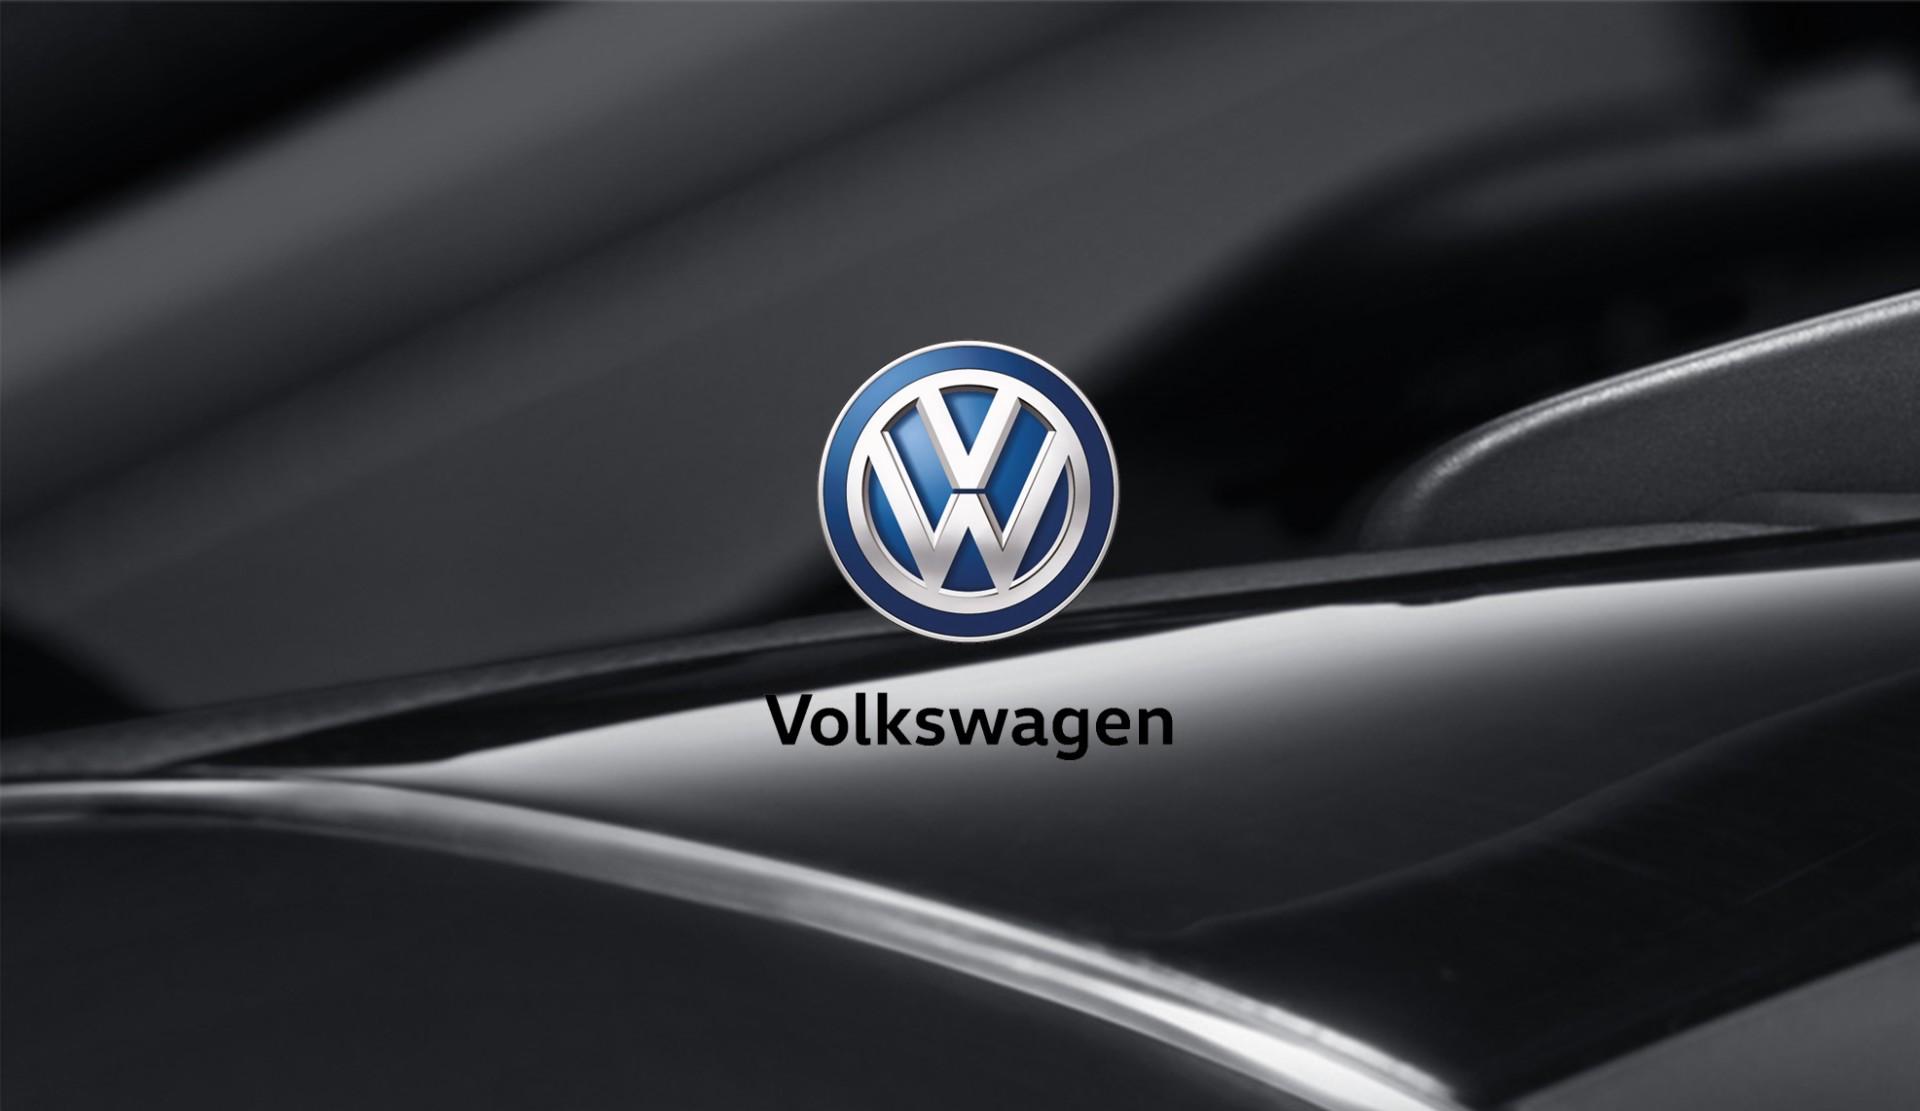 去年,德国大众汽车深陷排放门,也传出大众将要放弃了使用了9年的宣传语Das Auto的消息。如今,这一举动坐实,据德国设计博客Design Tagebuch消息,大众汽车的Logo回归在VW车标下标Volkswagen品牌名称,而不再在Logo下标Das Auto广告语,Das Auto这个标语翻译成英文中就是The Car,意思是大众是汽车的代表,该广告语是大众汽车公司前任CEO马丁-文德恩在2007年所制定的。文德恩曾自信地表示:只有大众汽车集团这样能够将诸多品牌和产品集中于麾